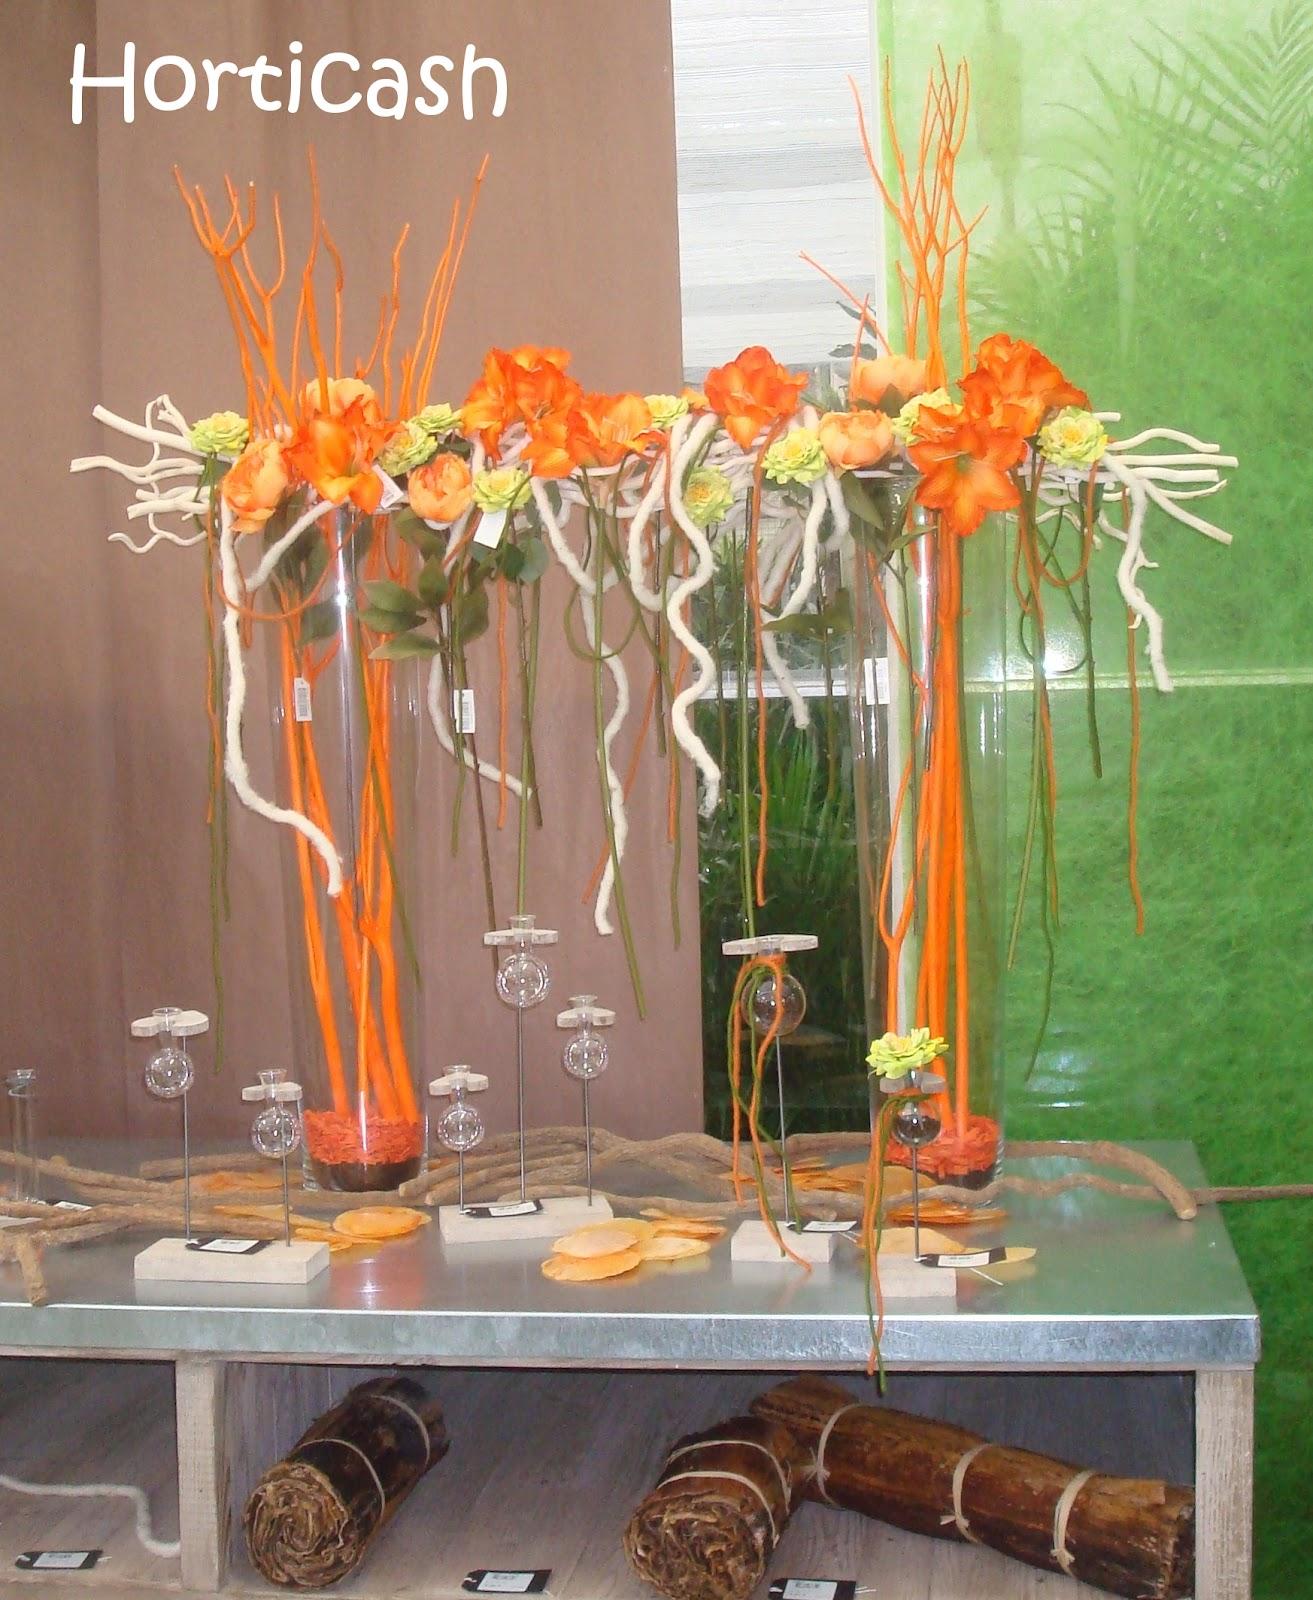 Fleuriste isabelle feuvrier id es de vitrine sur le th me de l 39 automne - Decoration automne maison de retraite ...